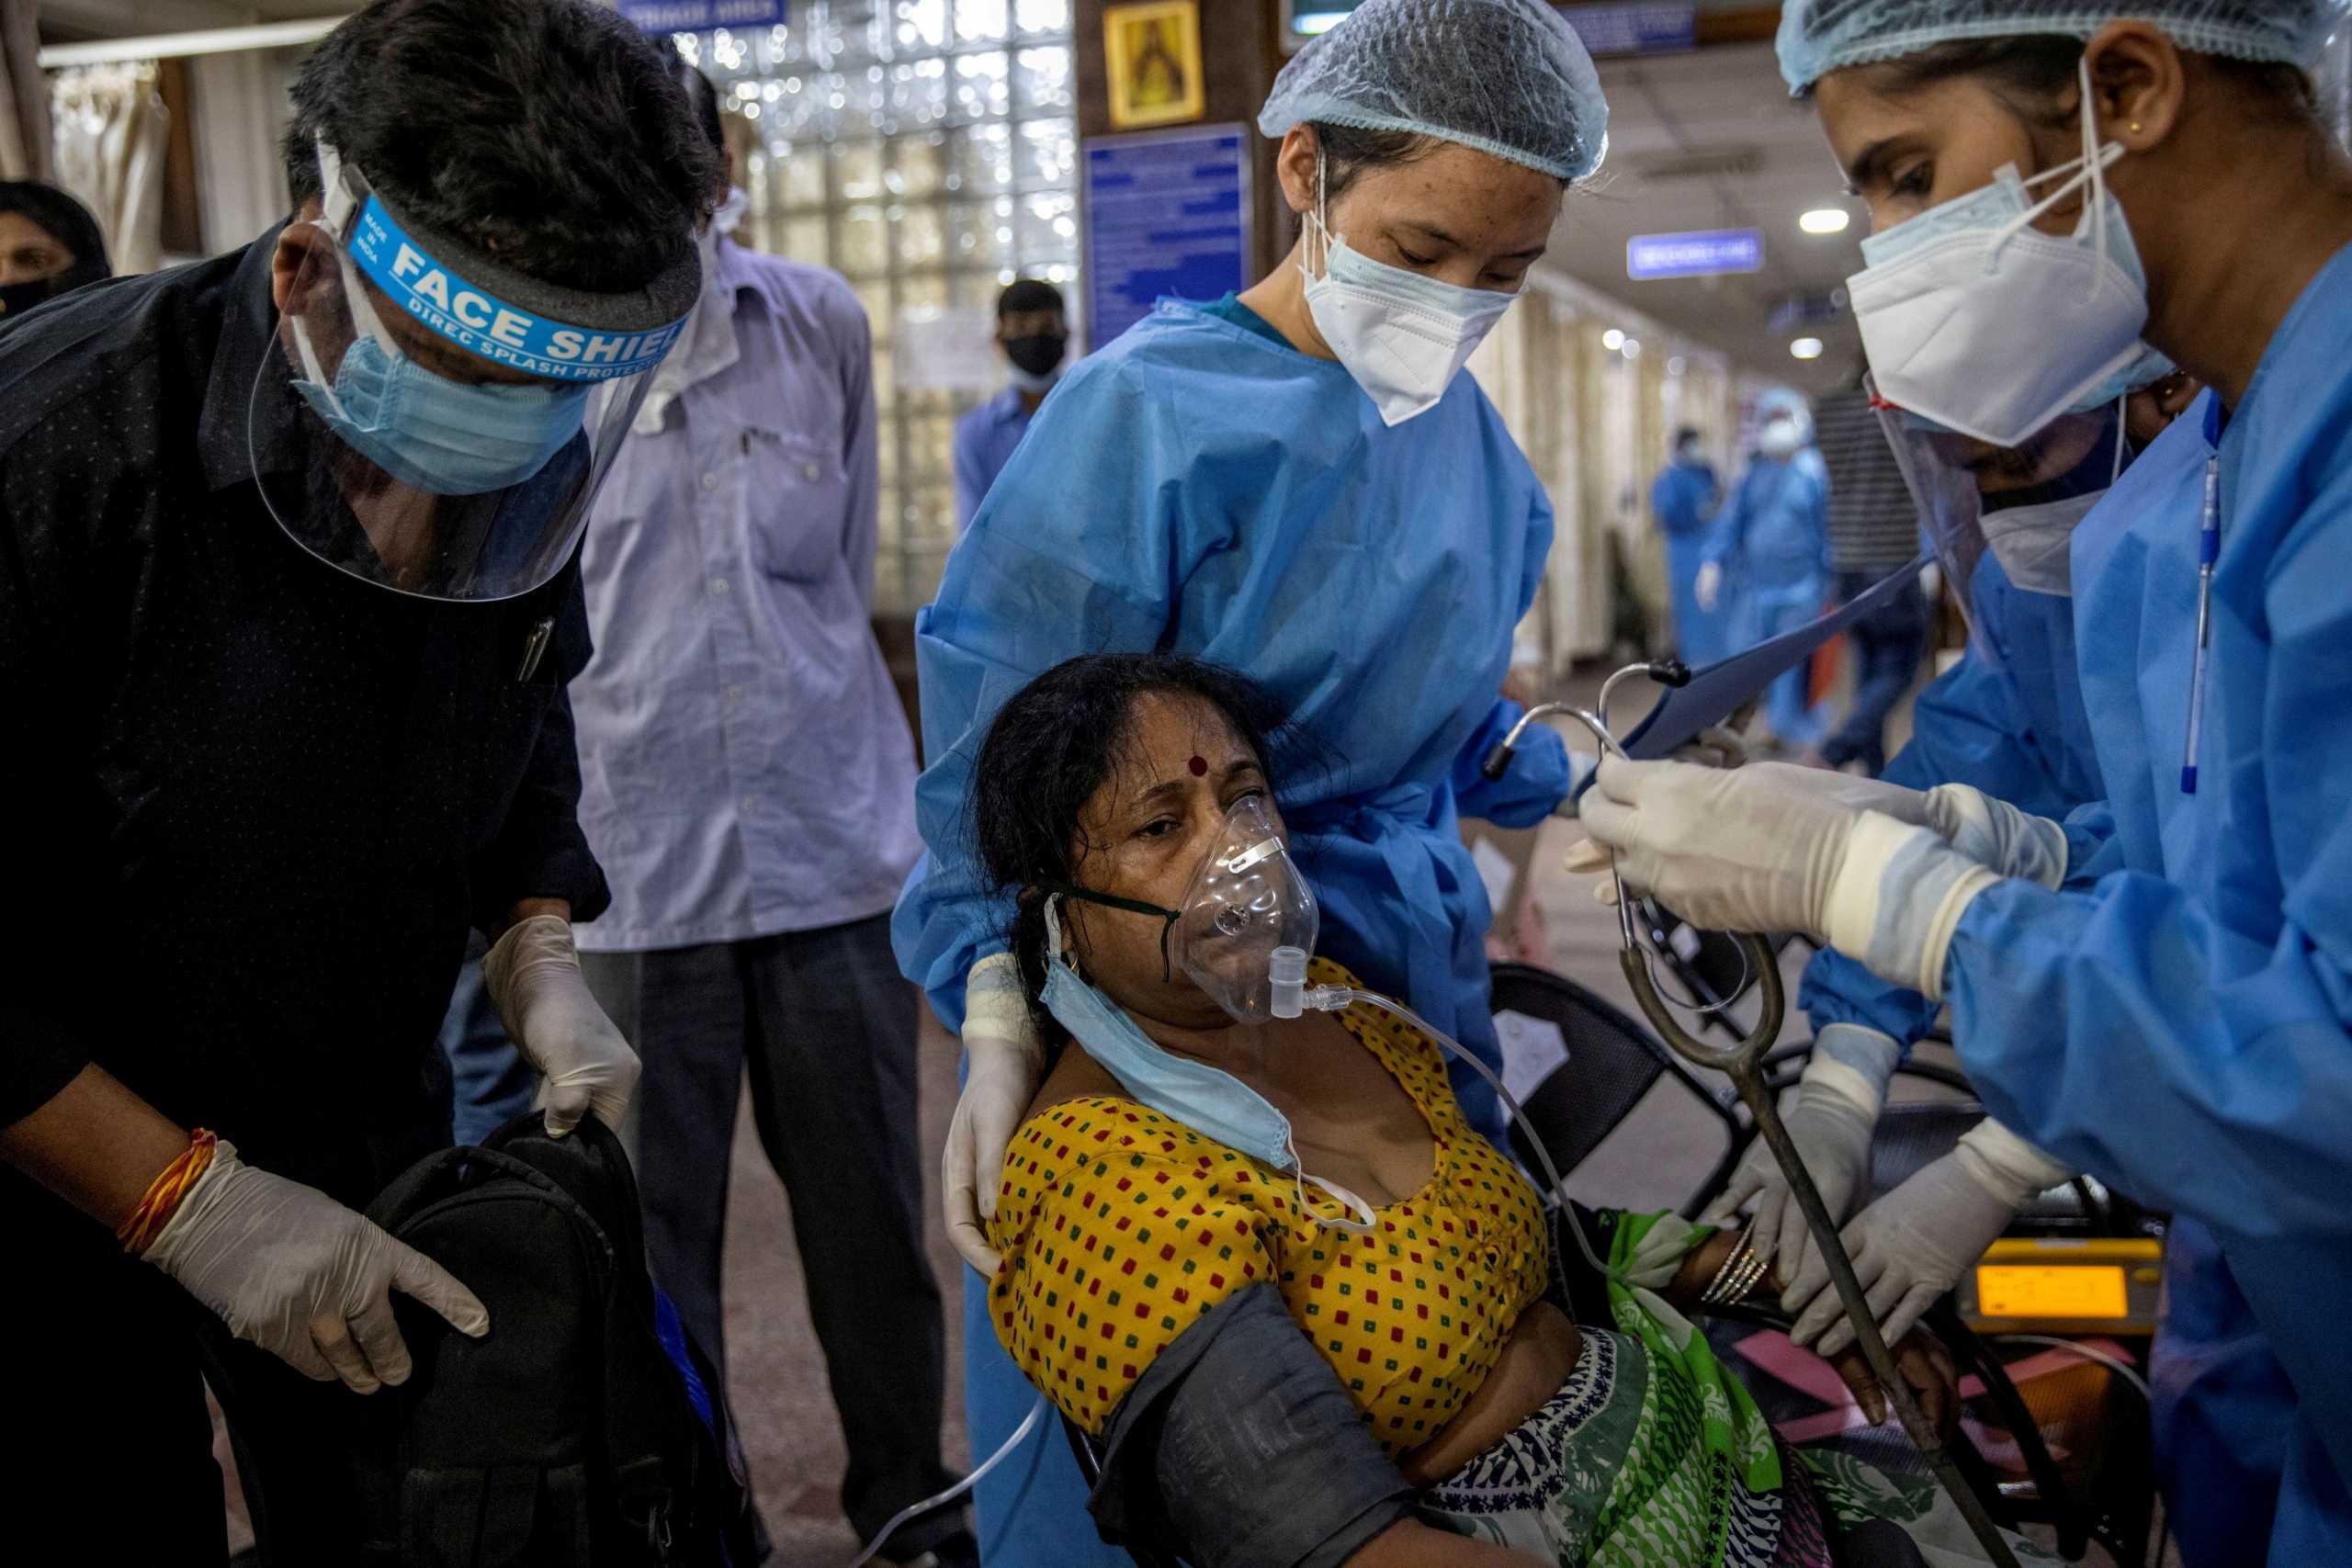 Ινδία: Ανυποχώρητος ο κορονοϊός – 911 νεκροί και πάνω από 43.000 κρούσματα το τελευταίο 24ωρο